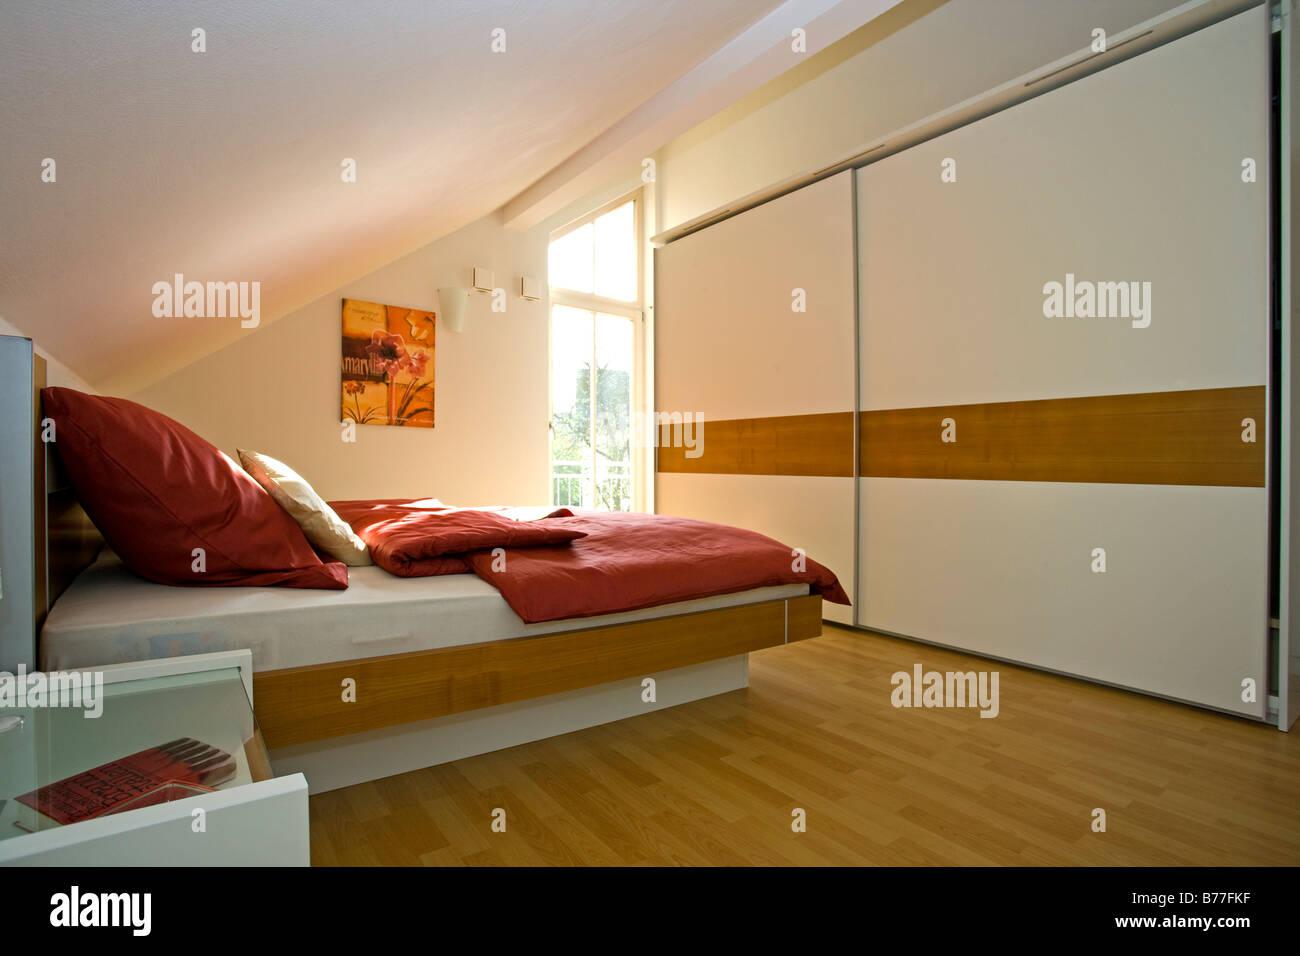 modernes schlafzimmer modern bedroom stock photo royalty free image 21678931 alamy. Black Bedroom Furniture Sets. Home Design Ideas